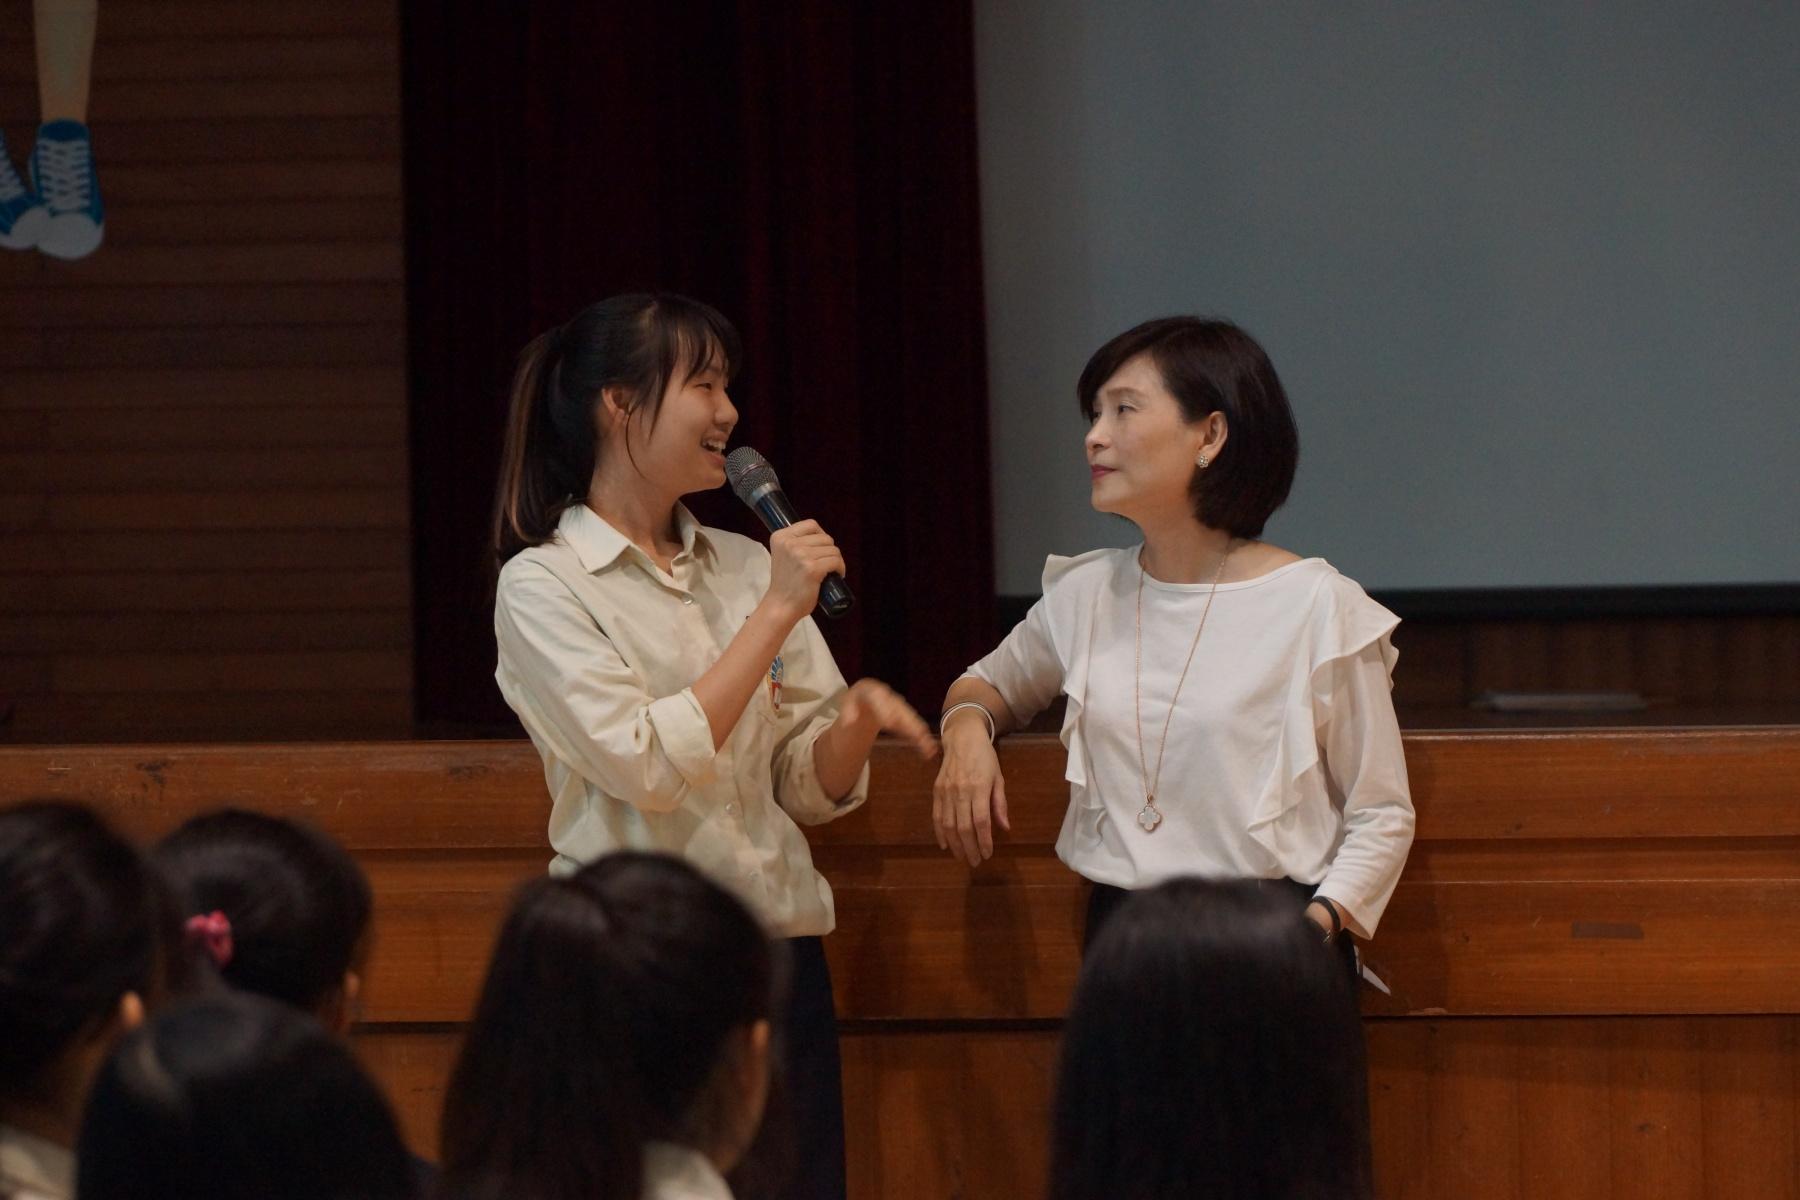 同學分享聽講後心得